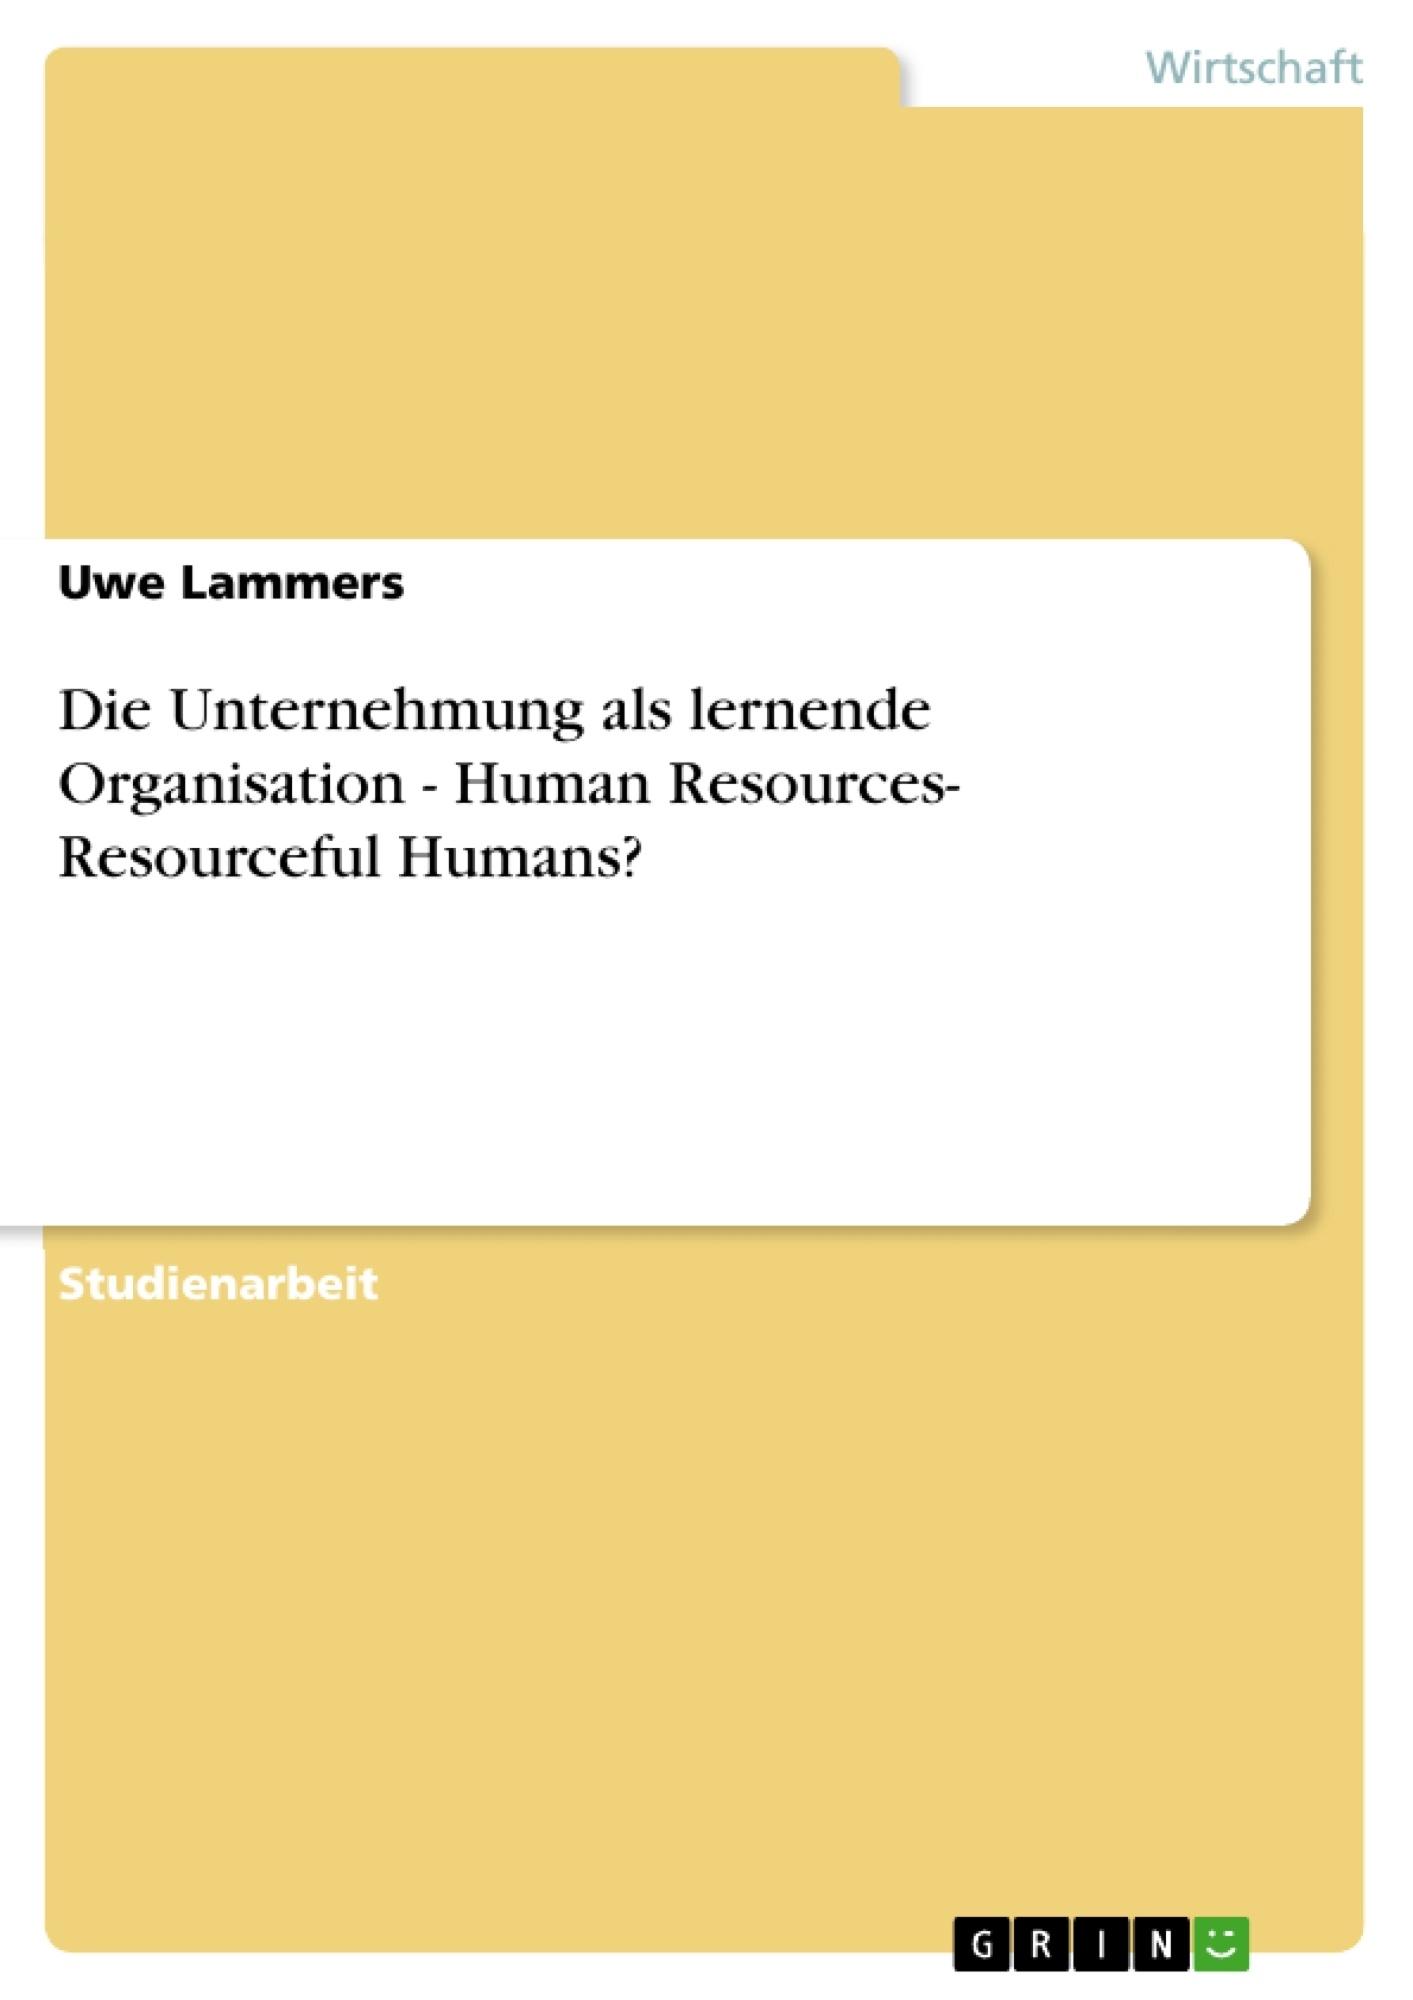 Titel: Die Unternehmung als lernende Organisation - Human Resources- Resourceful Humans?